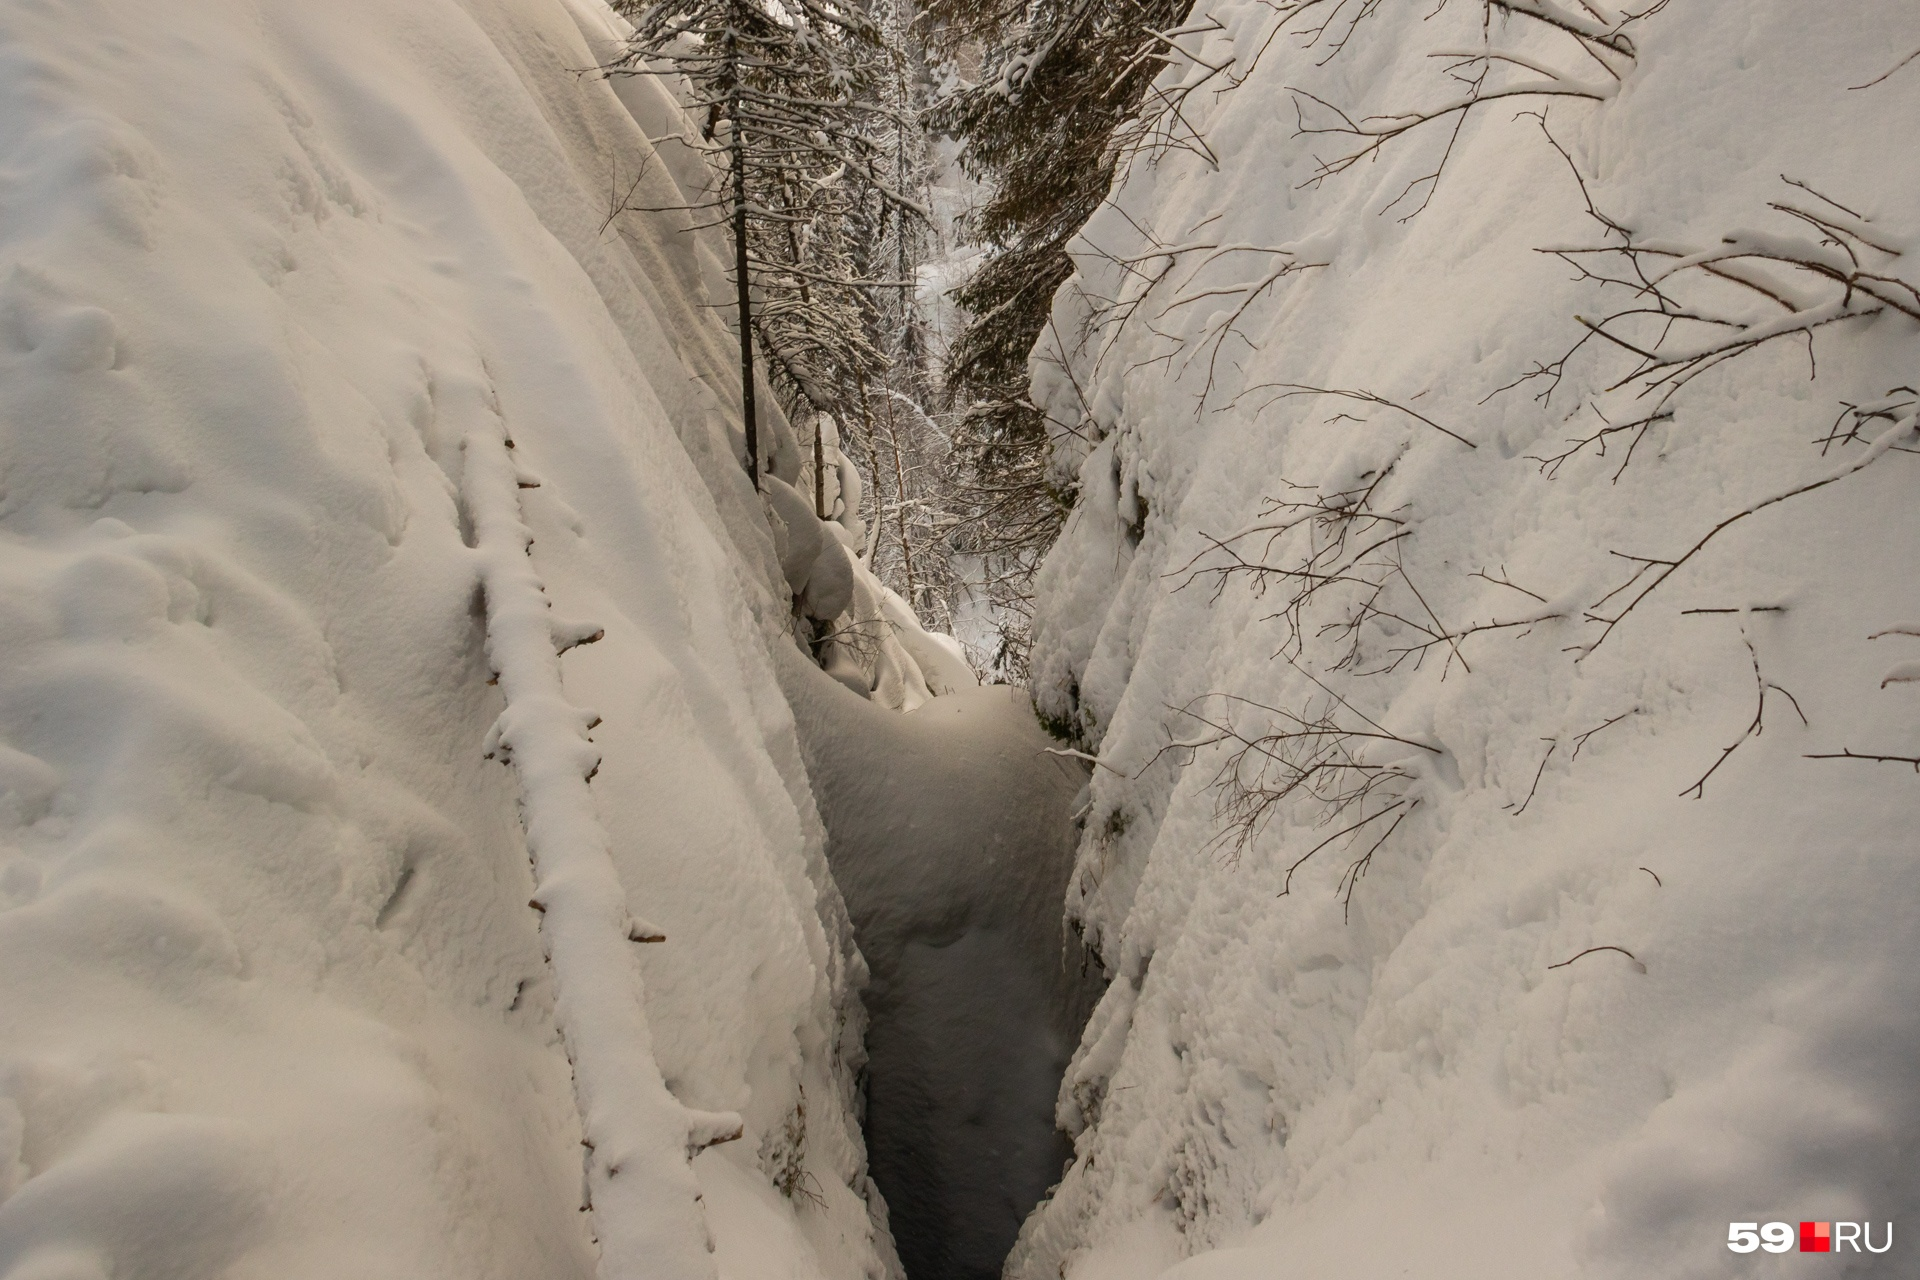 Одна из расщелин на вершине скалы